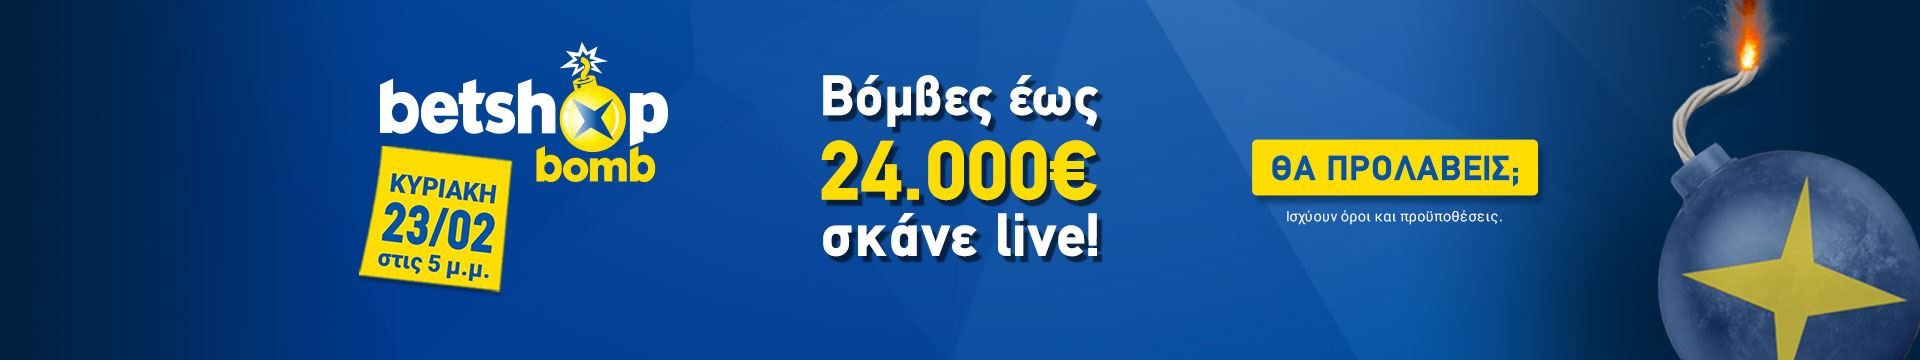 Βόμβες έως 24.000€ σκάνε live!